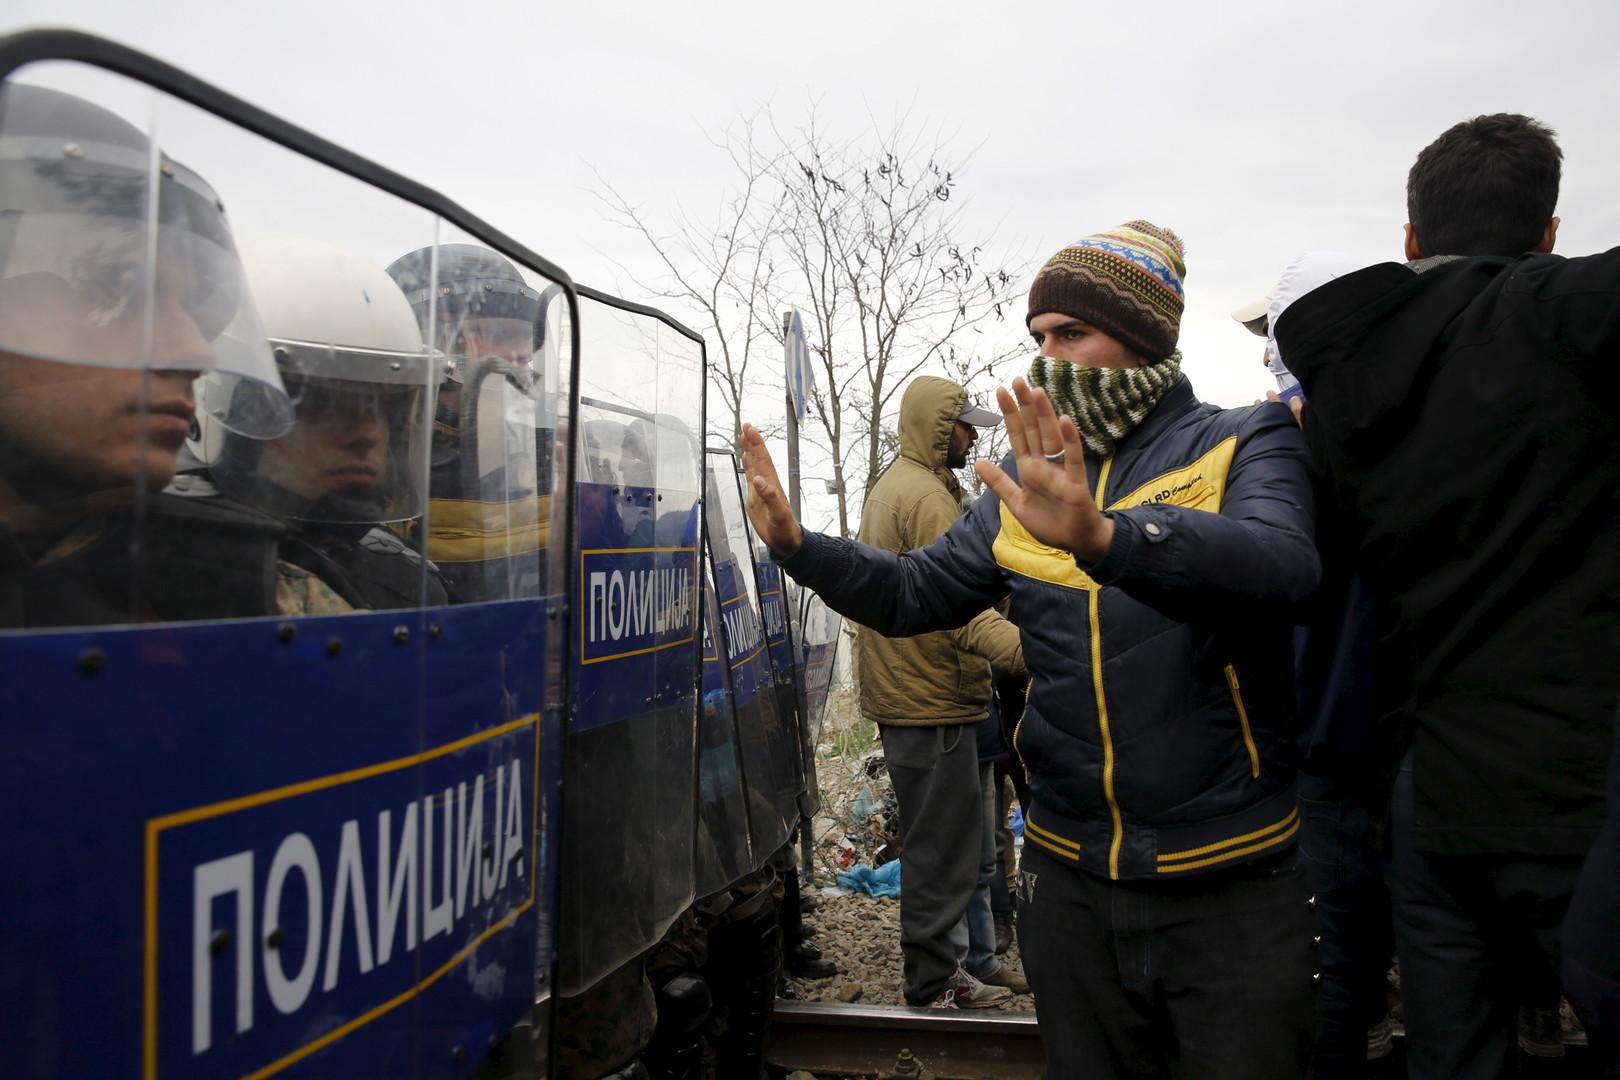 Des heurts sur fond de construction d'une barrière à la frontière gréco-macédonienne (PHOTOS)